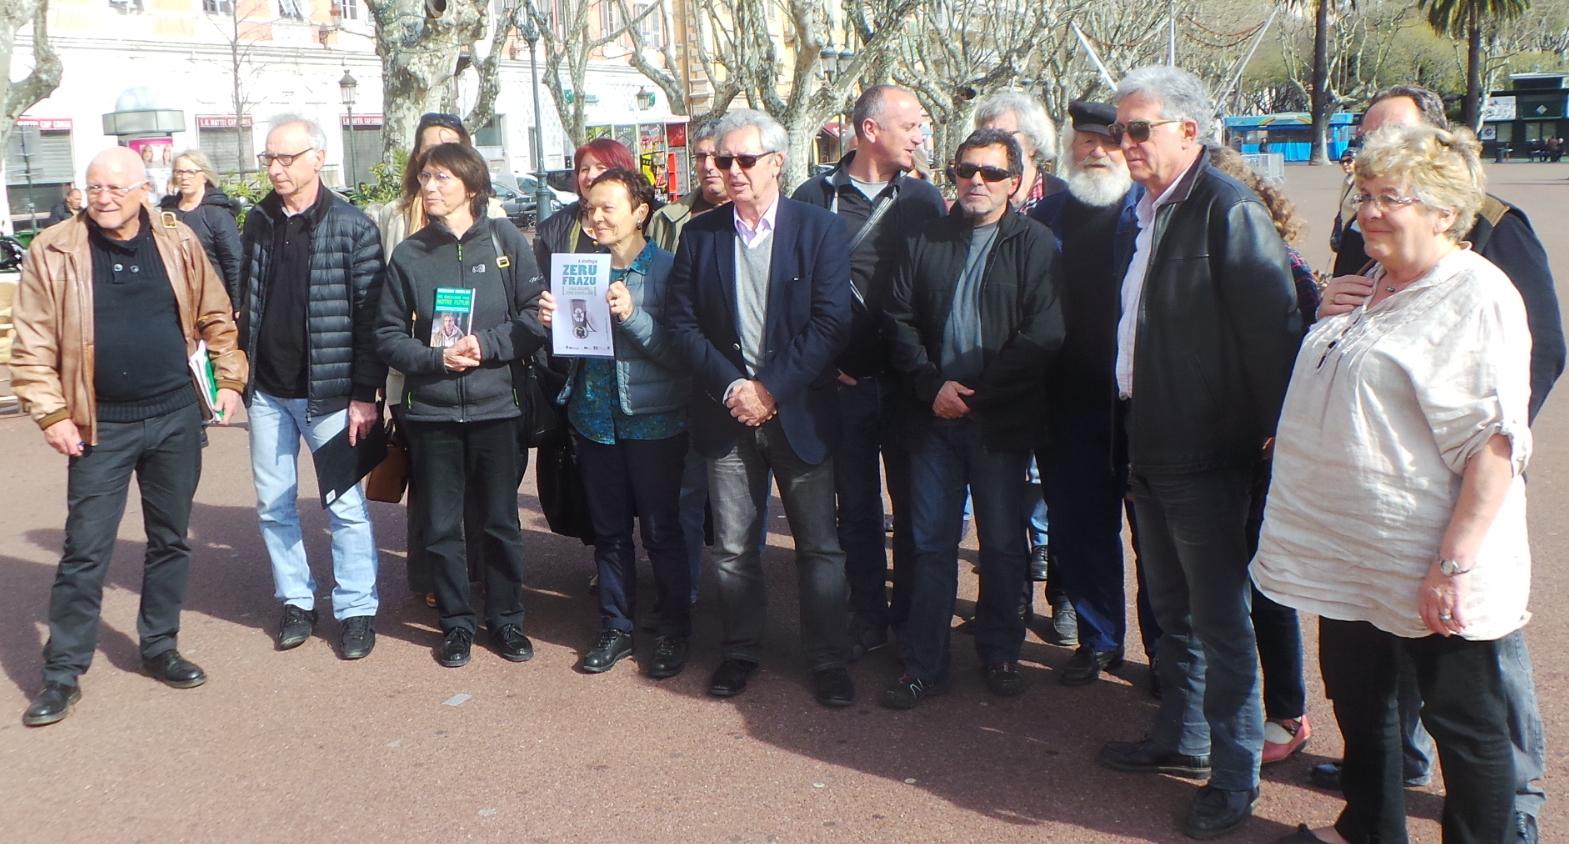 Ordures ménagères dans le Cap Corse : Maires, élus et Zeru Frazu montent au créneau